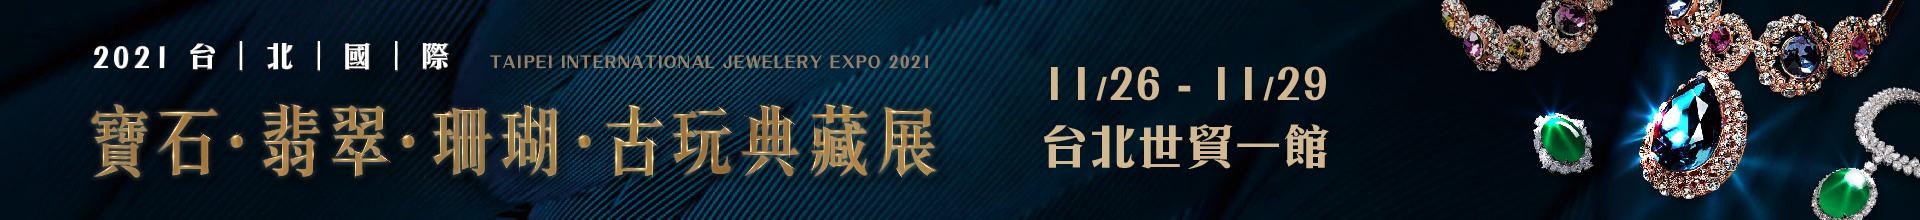 台北國際寶石·翡翠·珊瑚·古玩典藏展